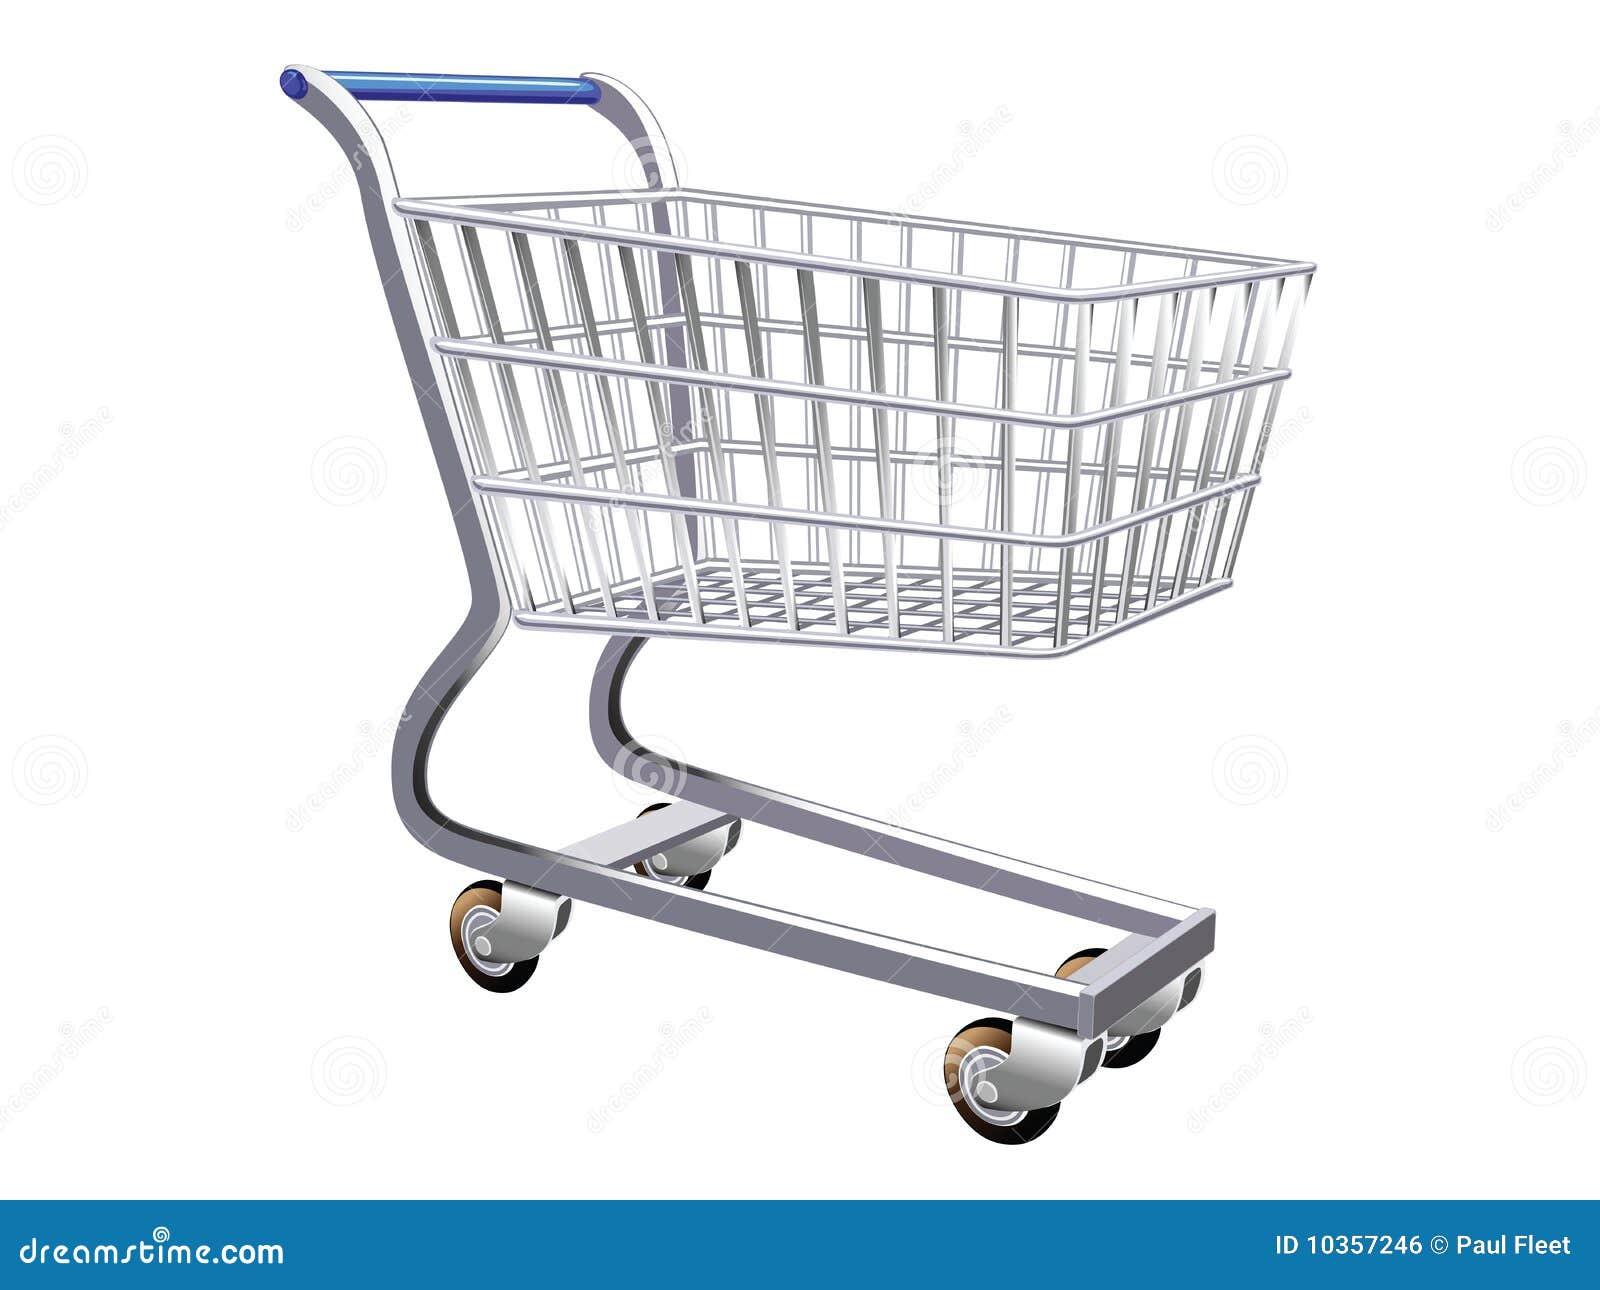 Ilustraci n de un carro de compras estilizado imagen de - Carrito dela compra ...